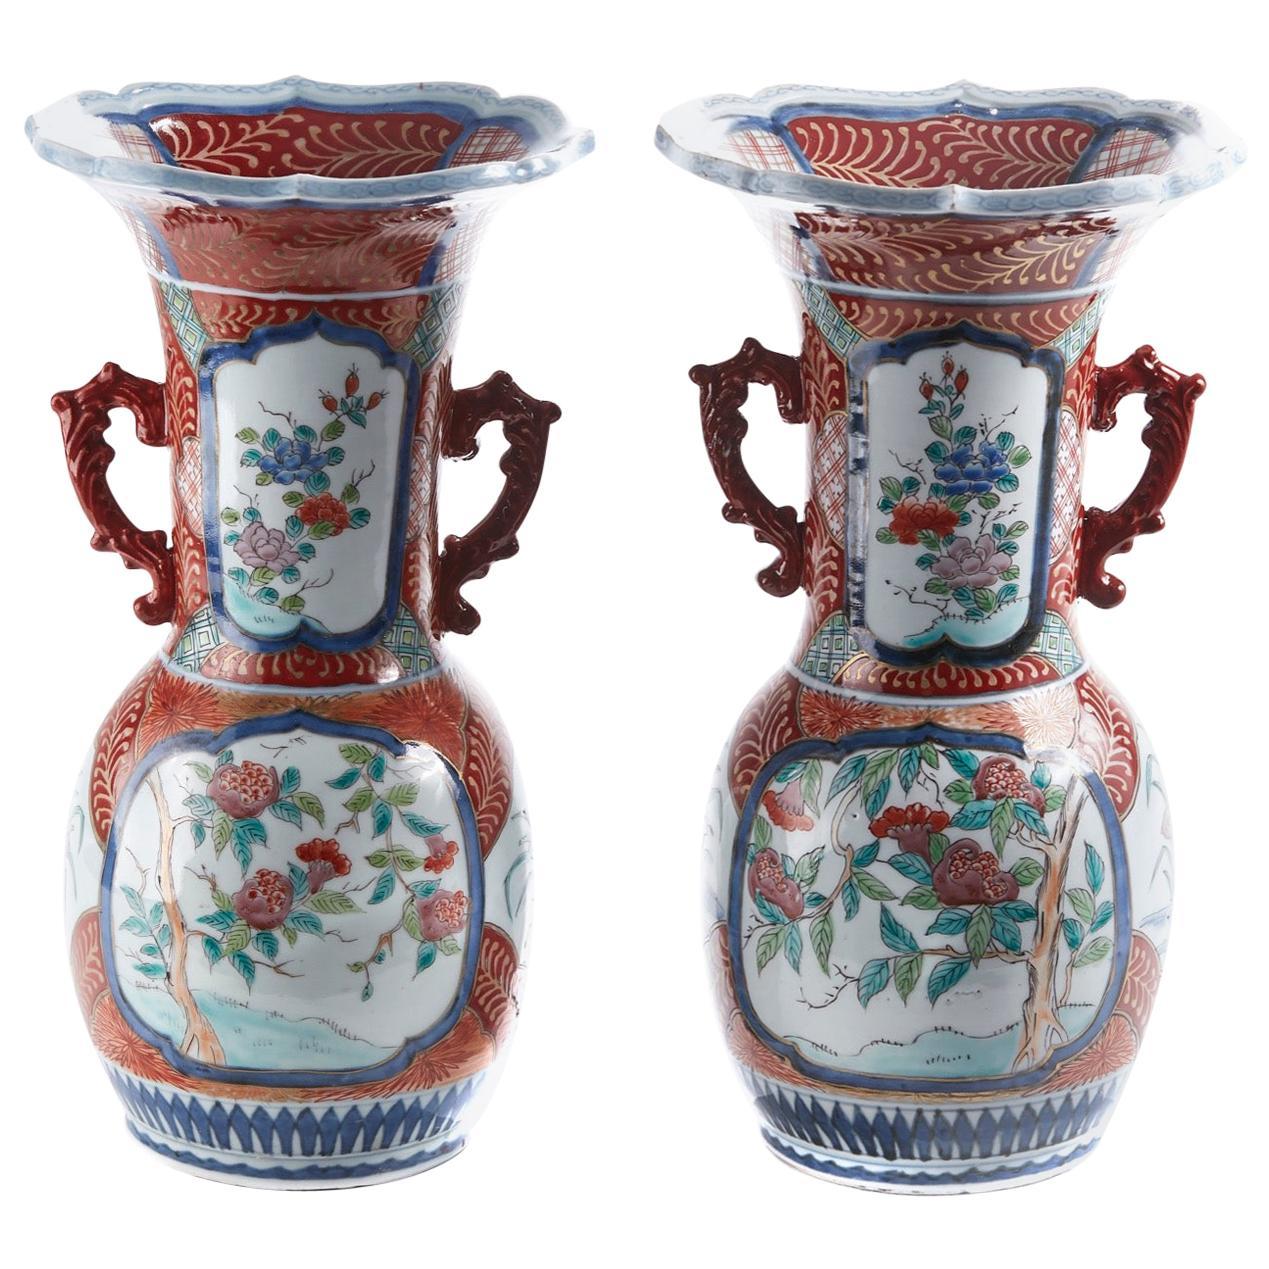 Pair of Antique Japanese Hand Painted Imari Vases